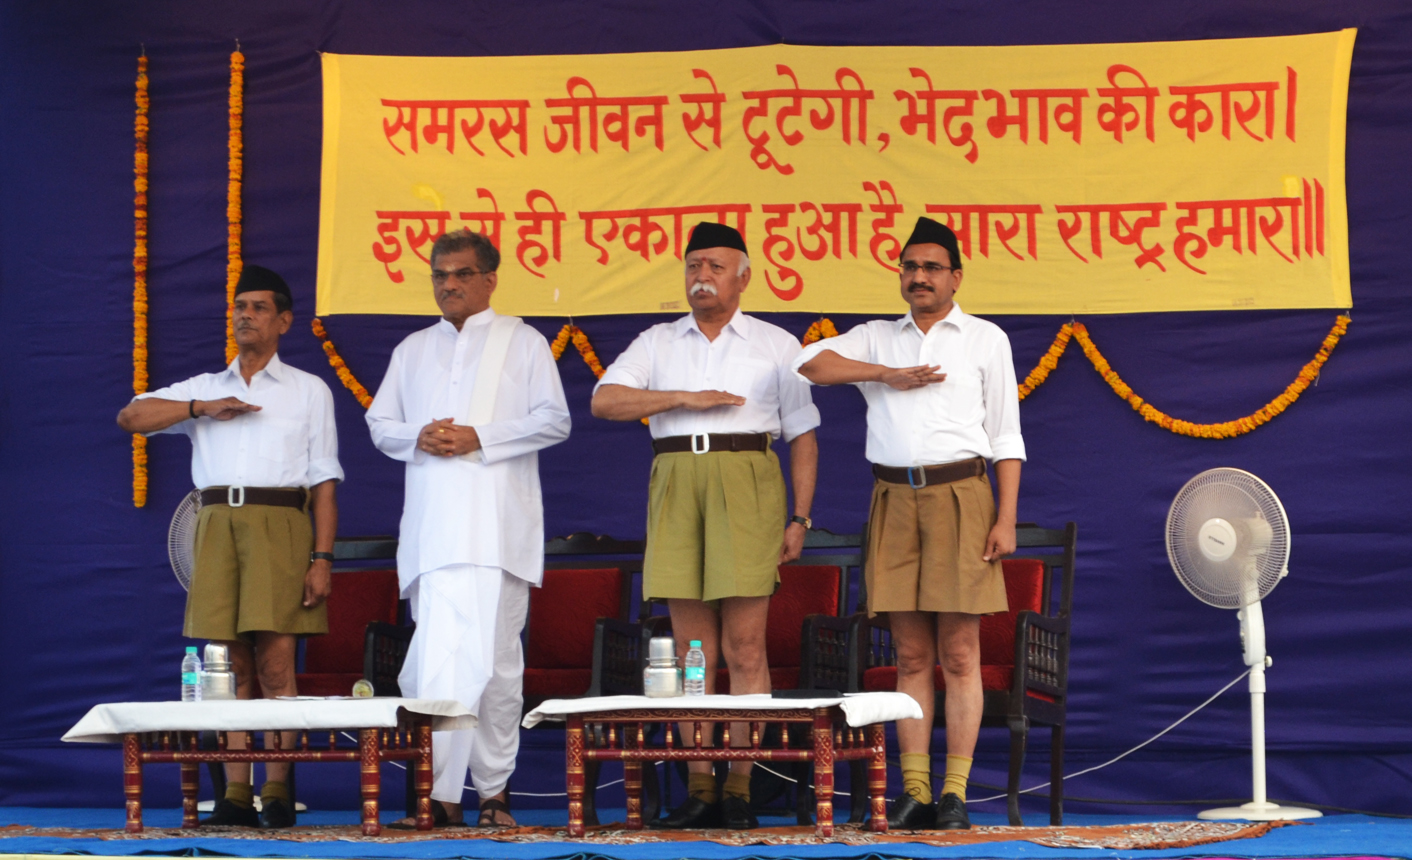 Varg Sarvadhikari Govind Sing Tank, Dr Veerendra Heggade, Dr Mohan  Bhagwat at SanghnShiksha Varg Valedictory -Nagpur-June-4-2015